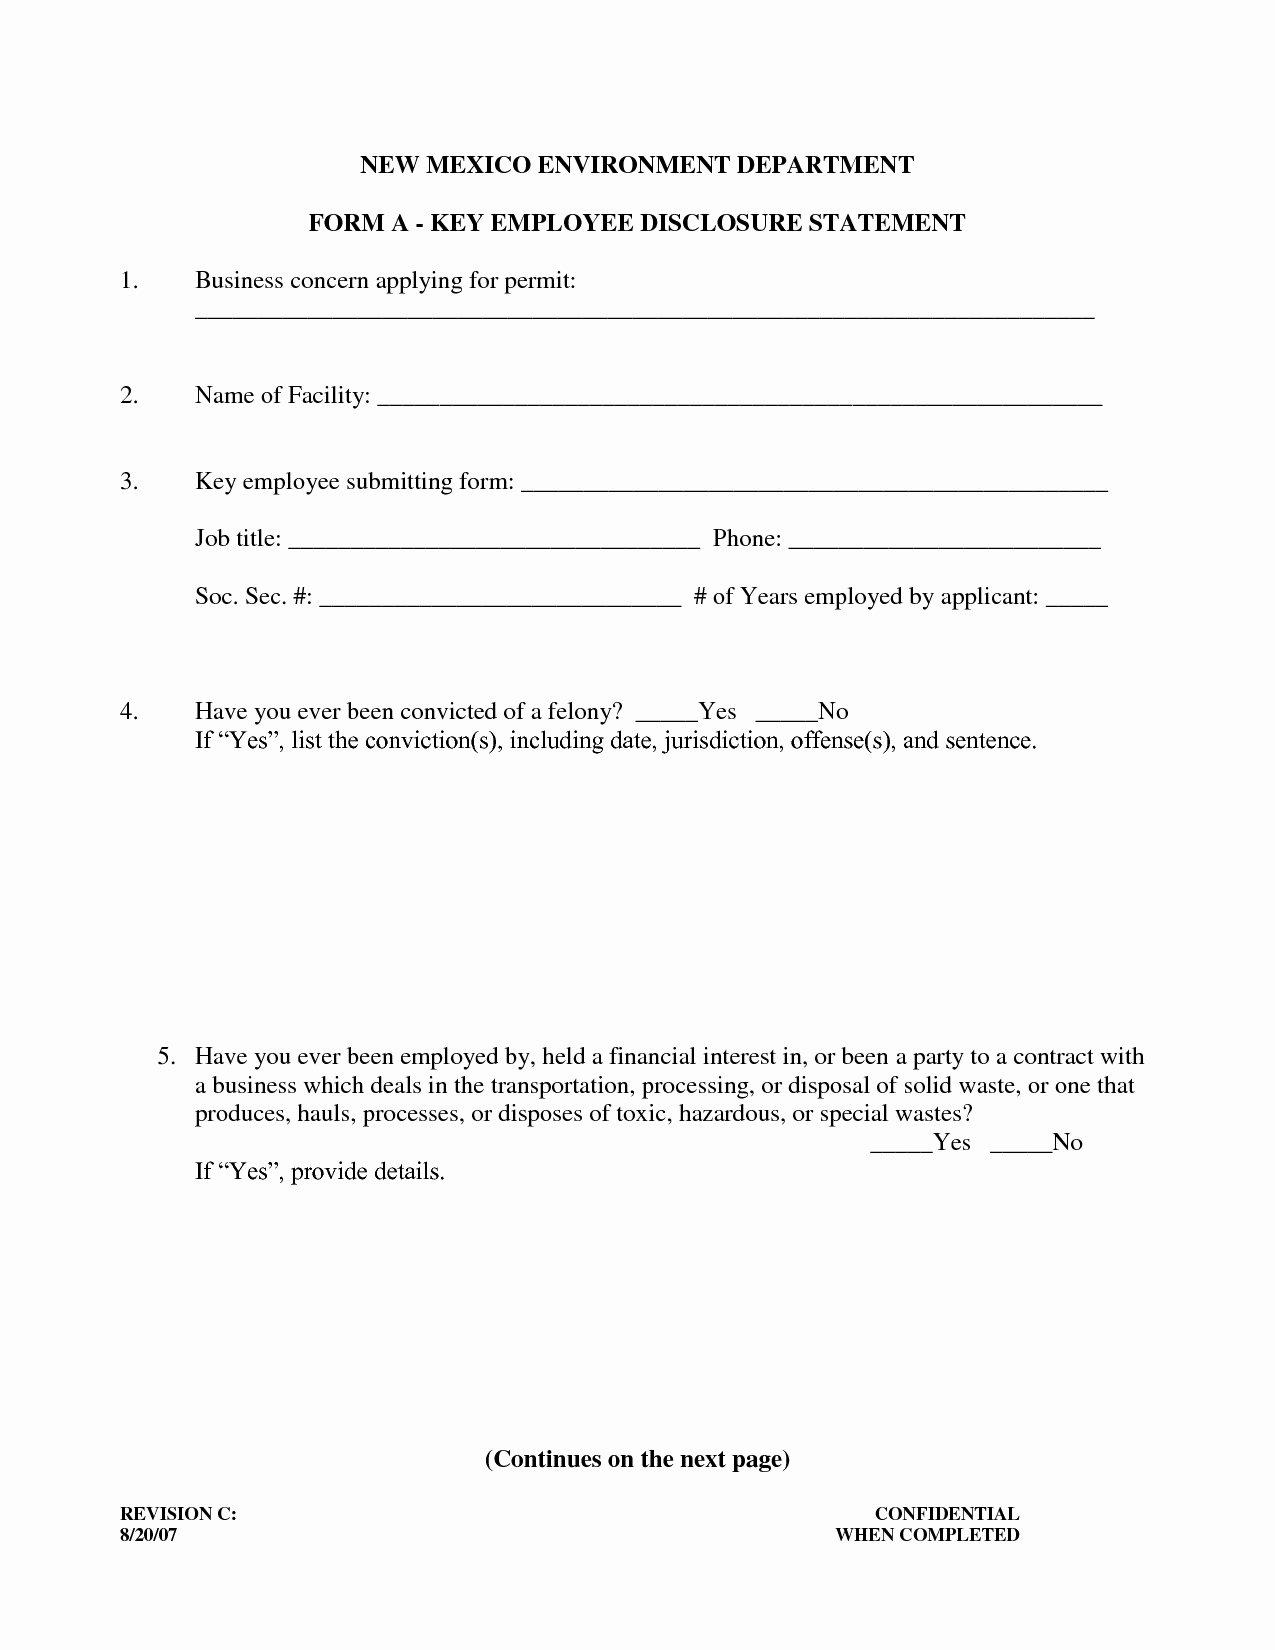 Employee Key Agreement form Best Of Employee Key Holder Agreement form Fast 8 Best Employee